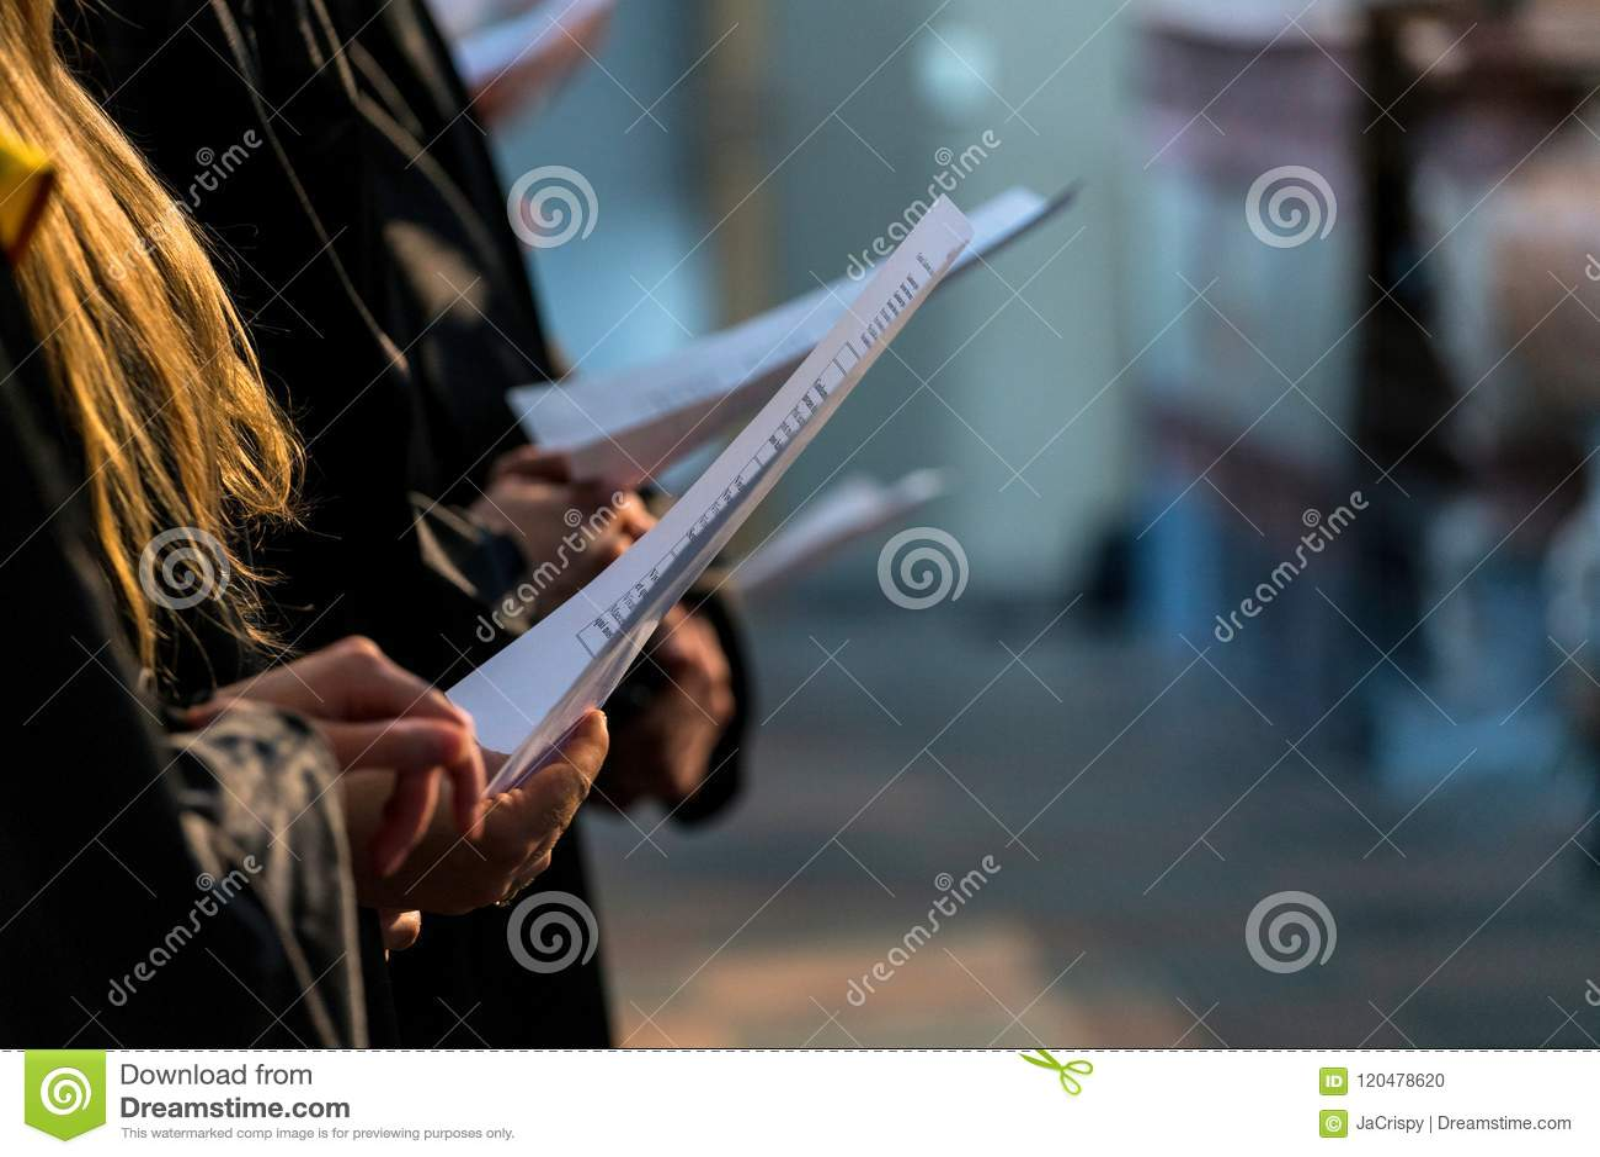 Cante A Coro A Los Cantantes Que Llevan A Cabo La Partitura Musical Y Que Cantan En Gradu Del Estudiante Foto De Archivo Imagen De Sueter Cantante 120478620